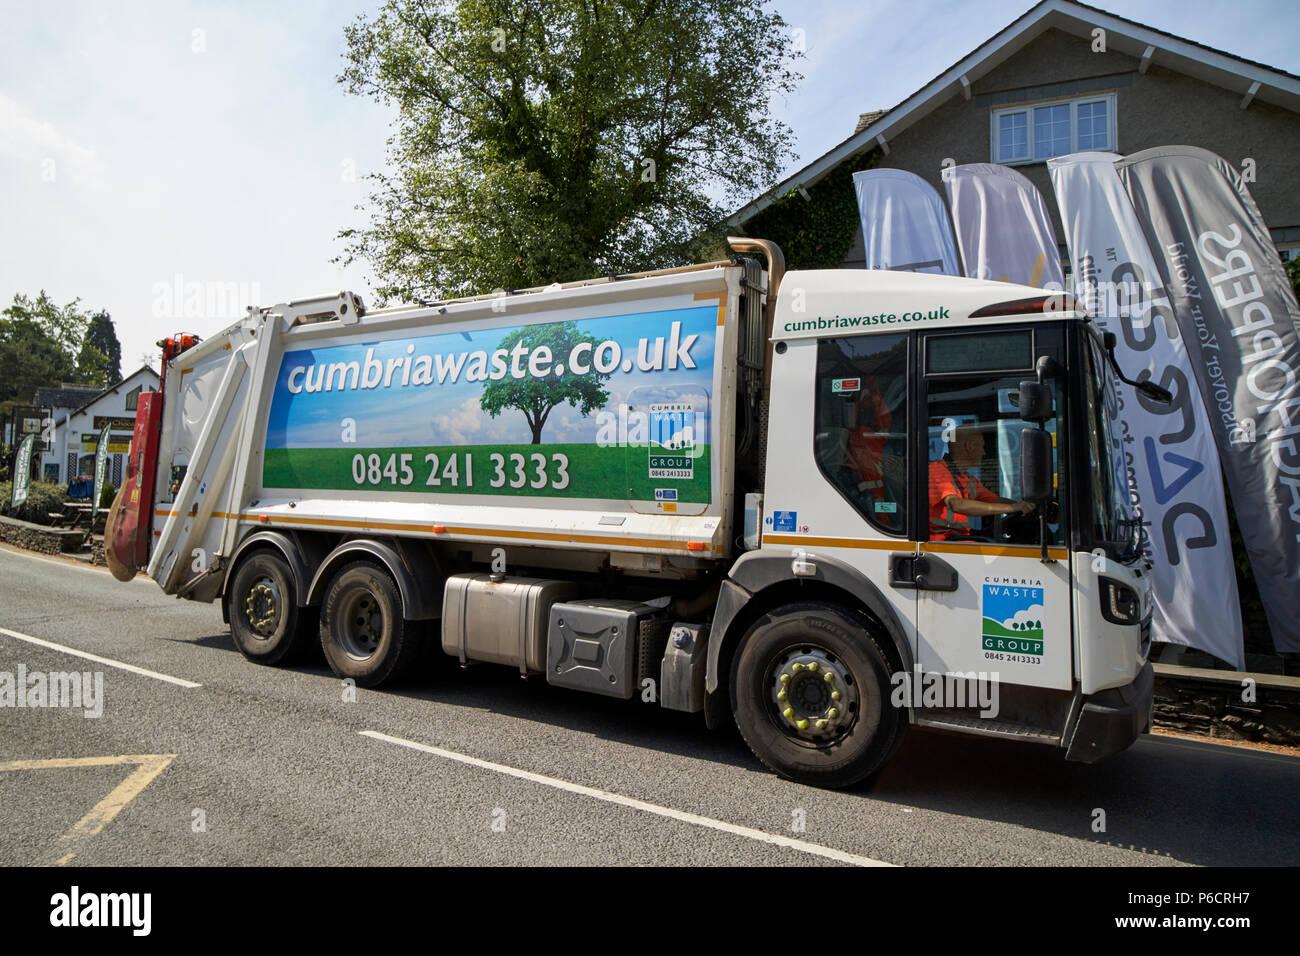 Cumbria rifiuti società private bin servizio di raccolta in Grasmere Lake District Cumbria Inghilterra England Regno Unito Immagini Stock